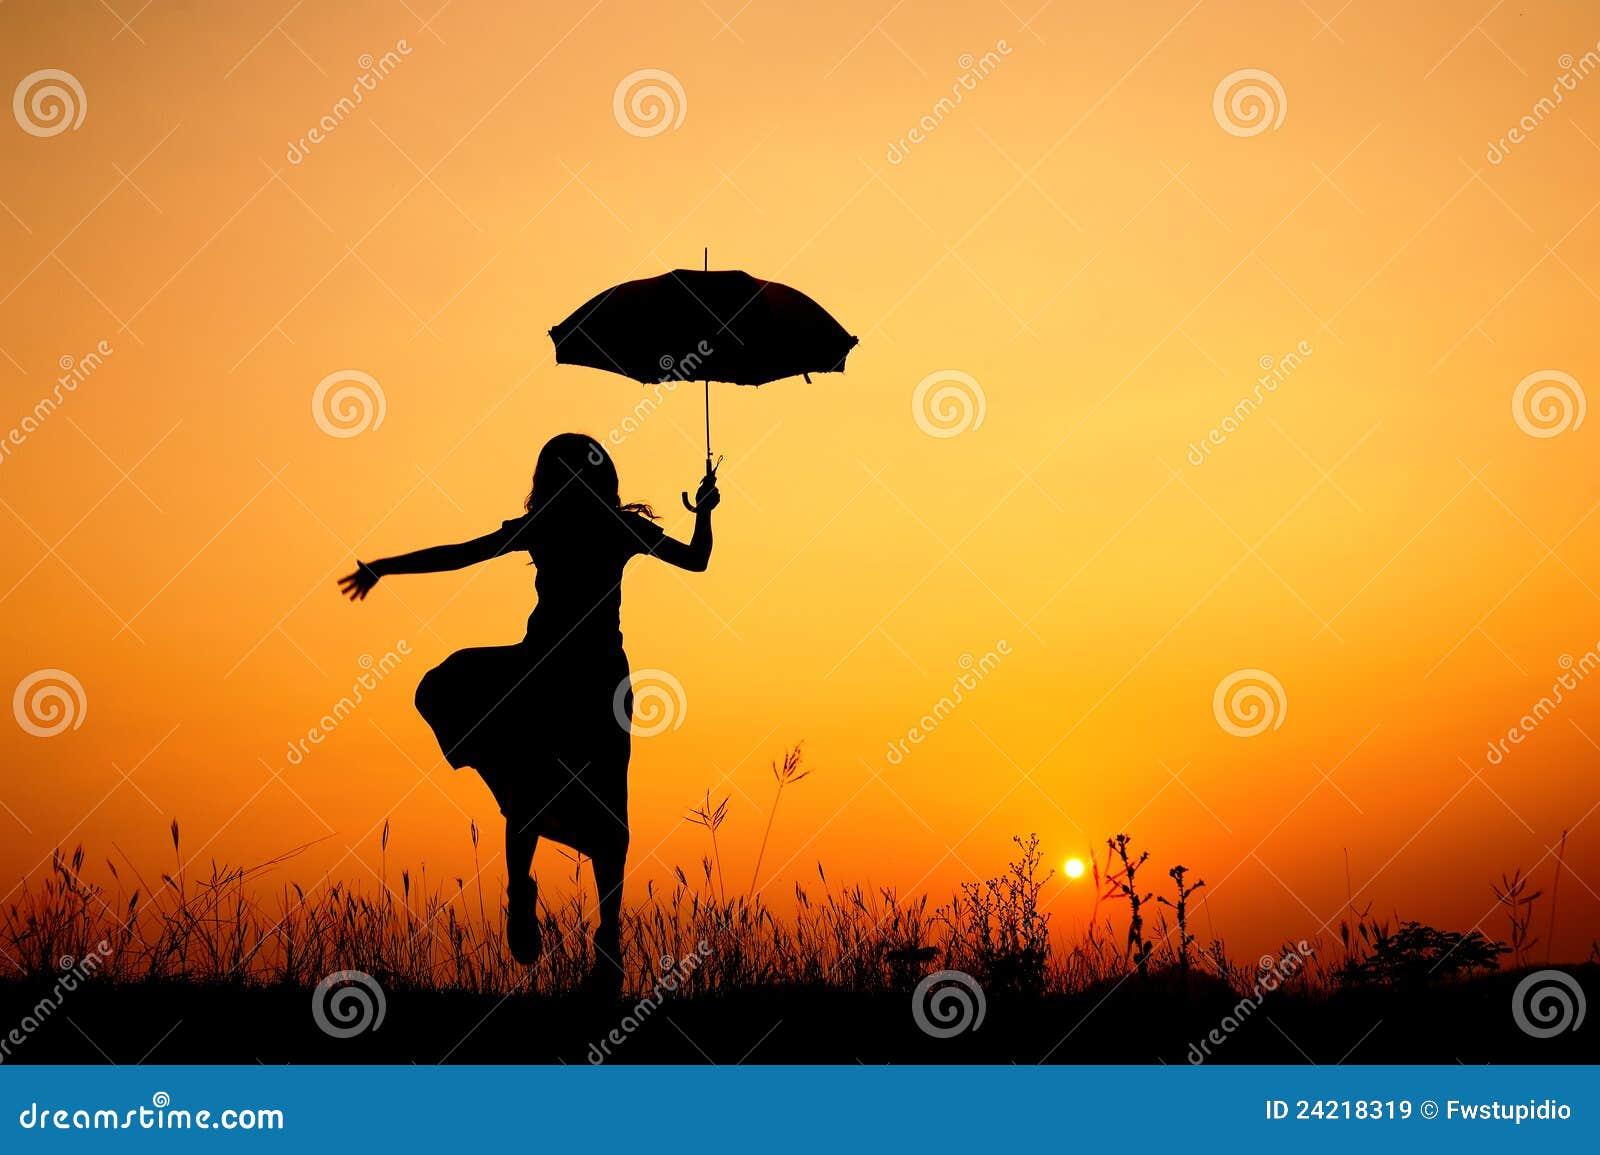 Silueta De La Mujer Y De La Puesta Del Sol Del Paraguas